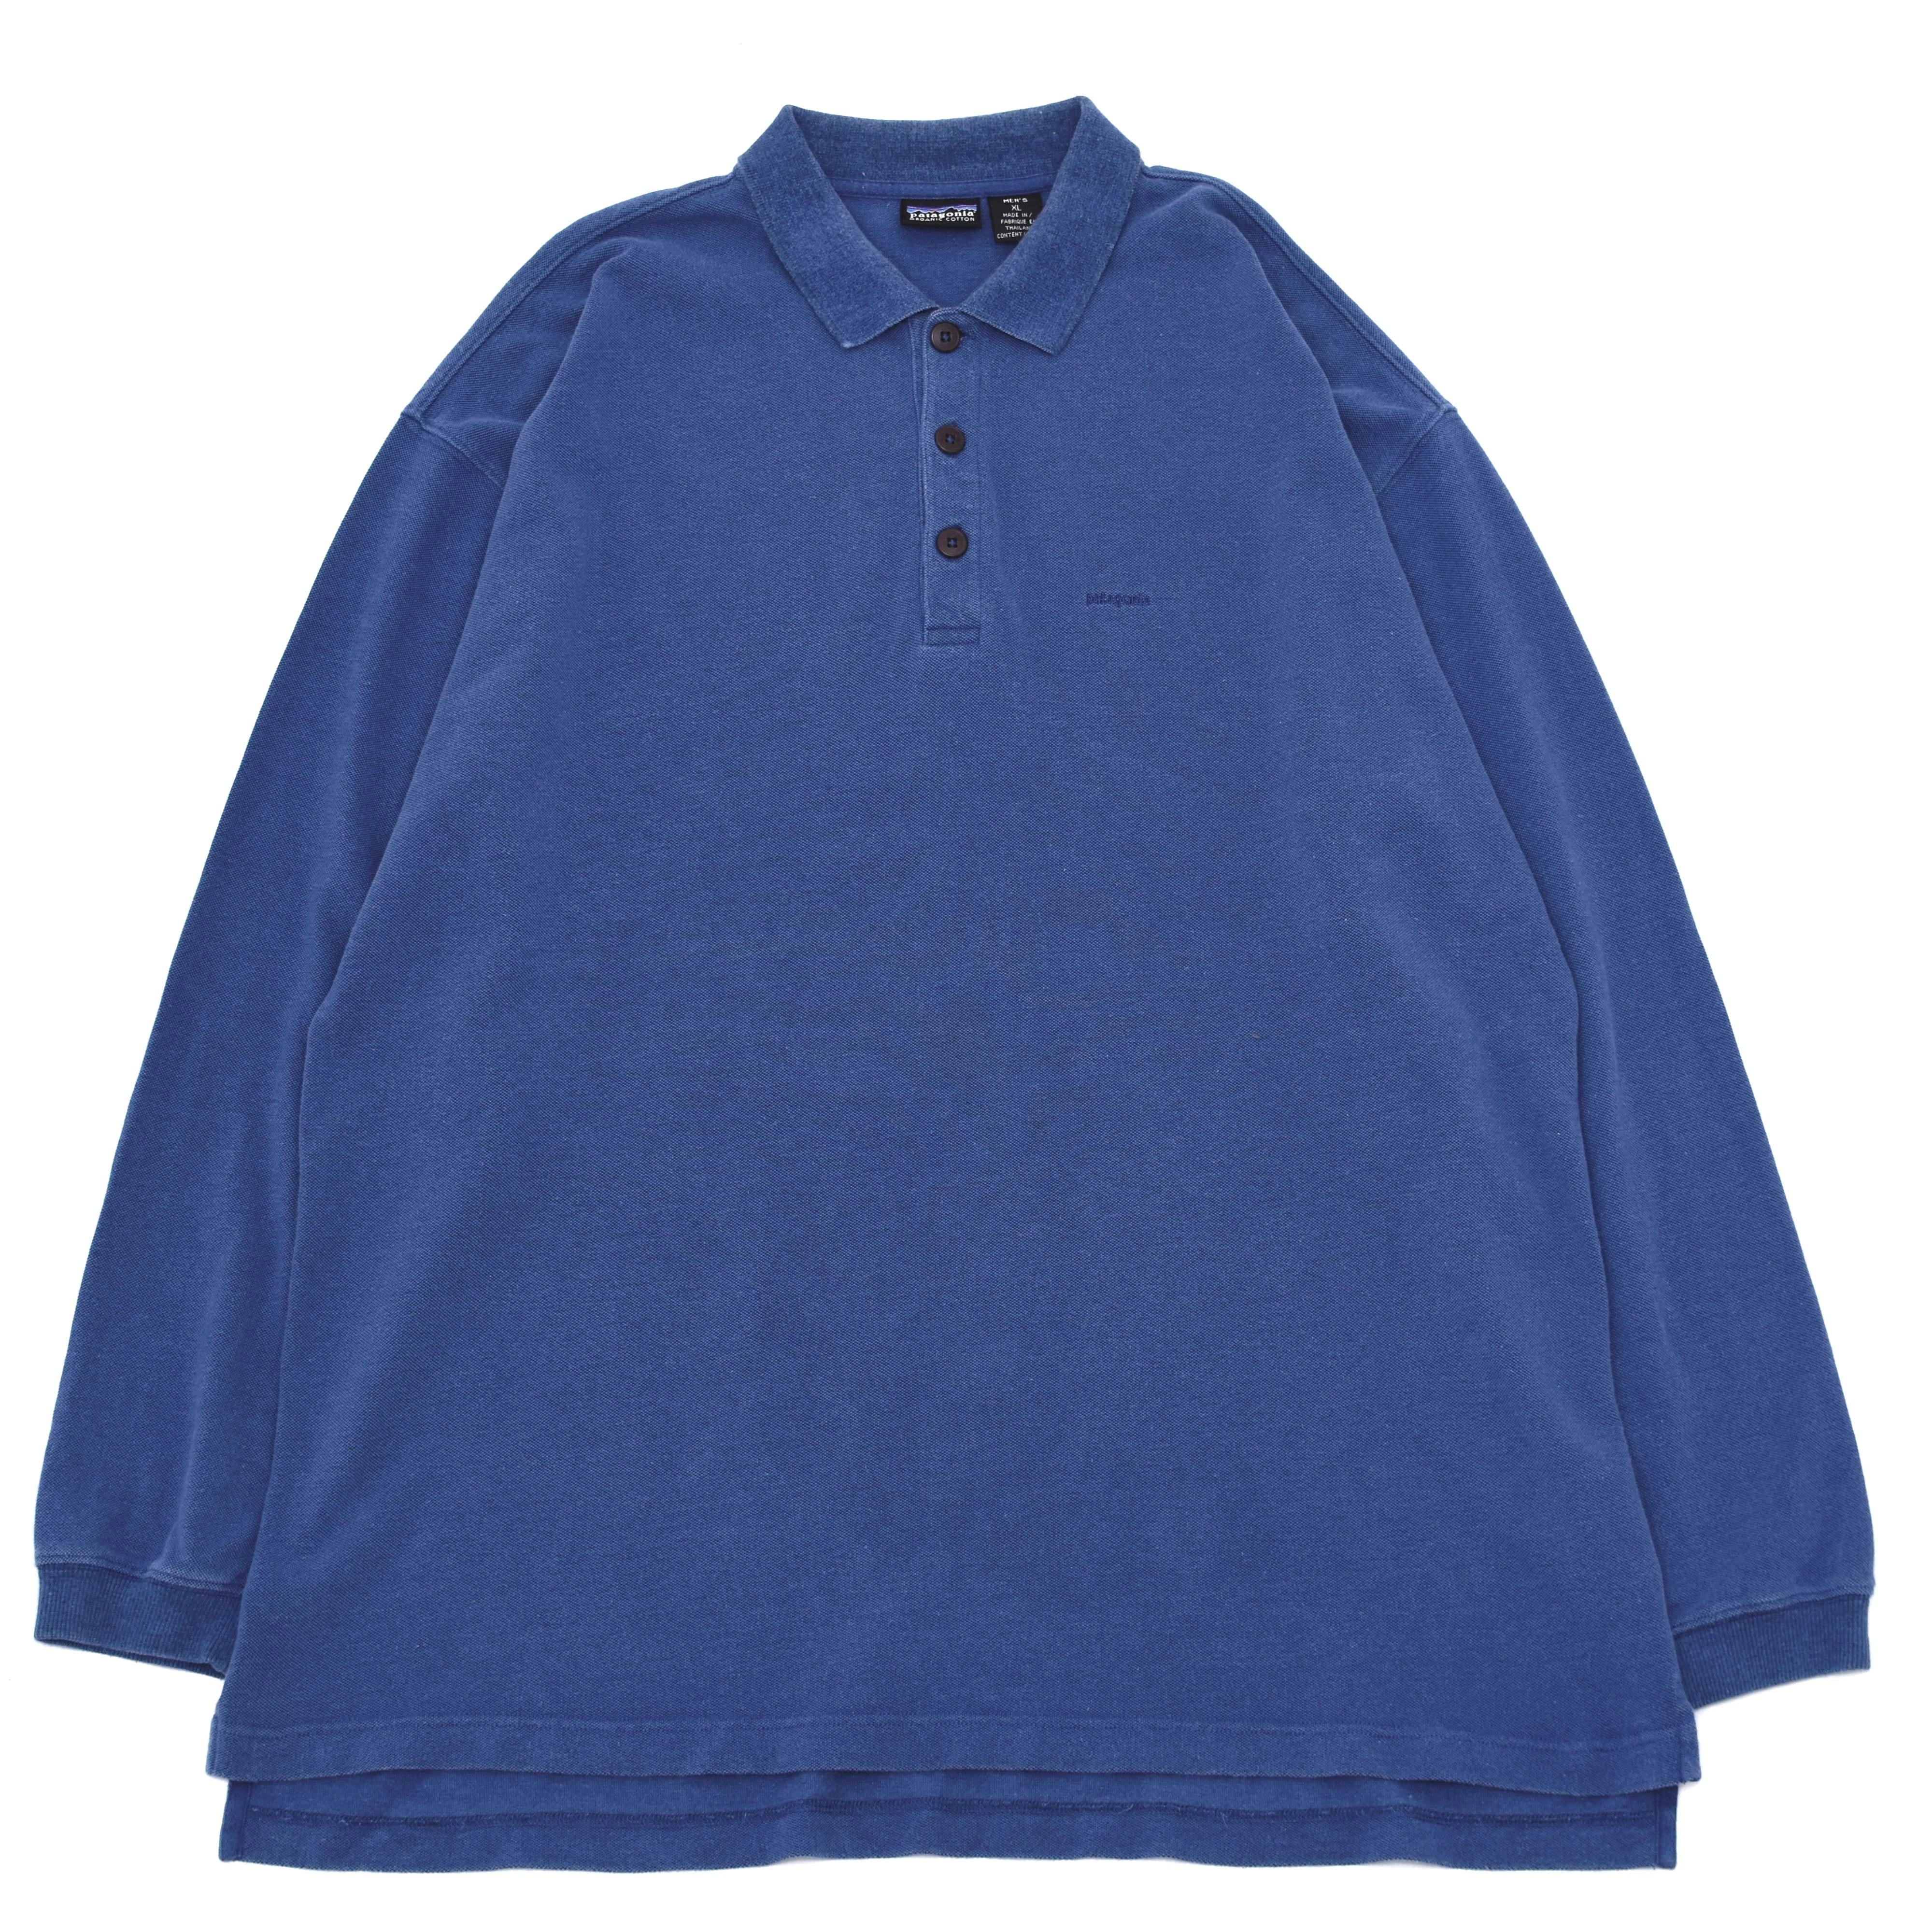 patagonia F'97 organic cotton polo shirt